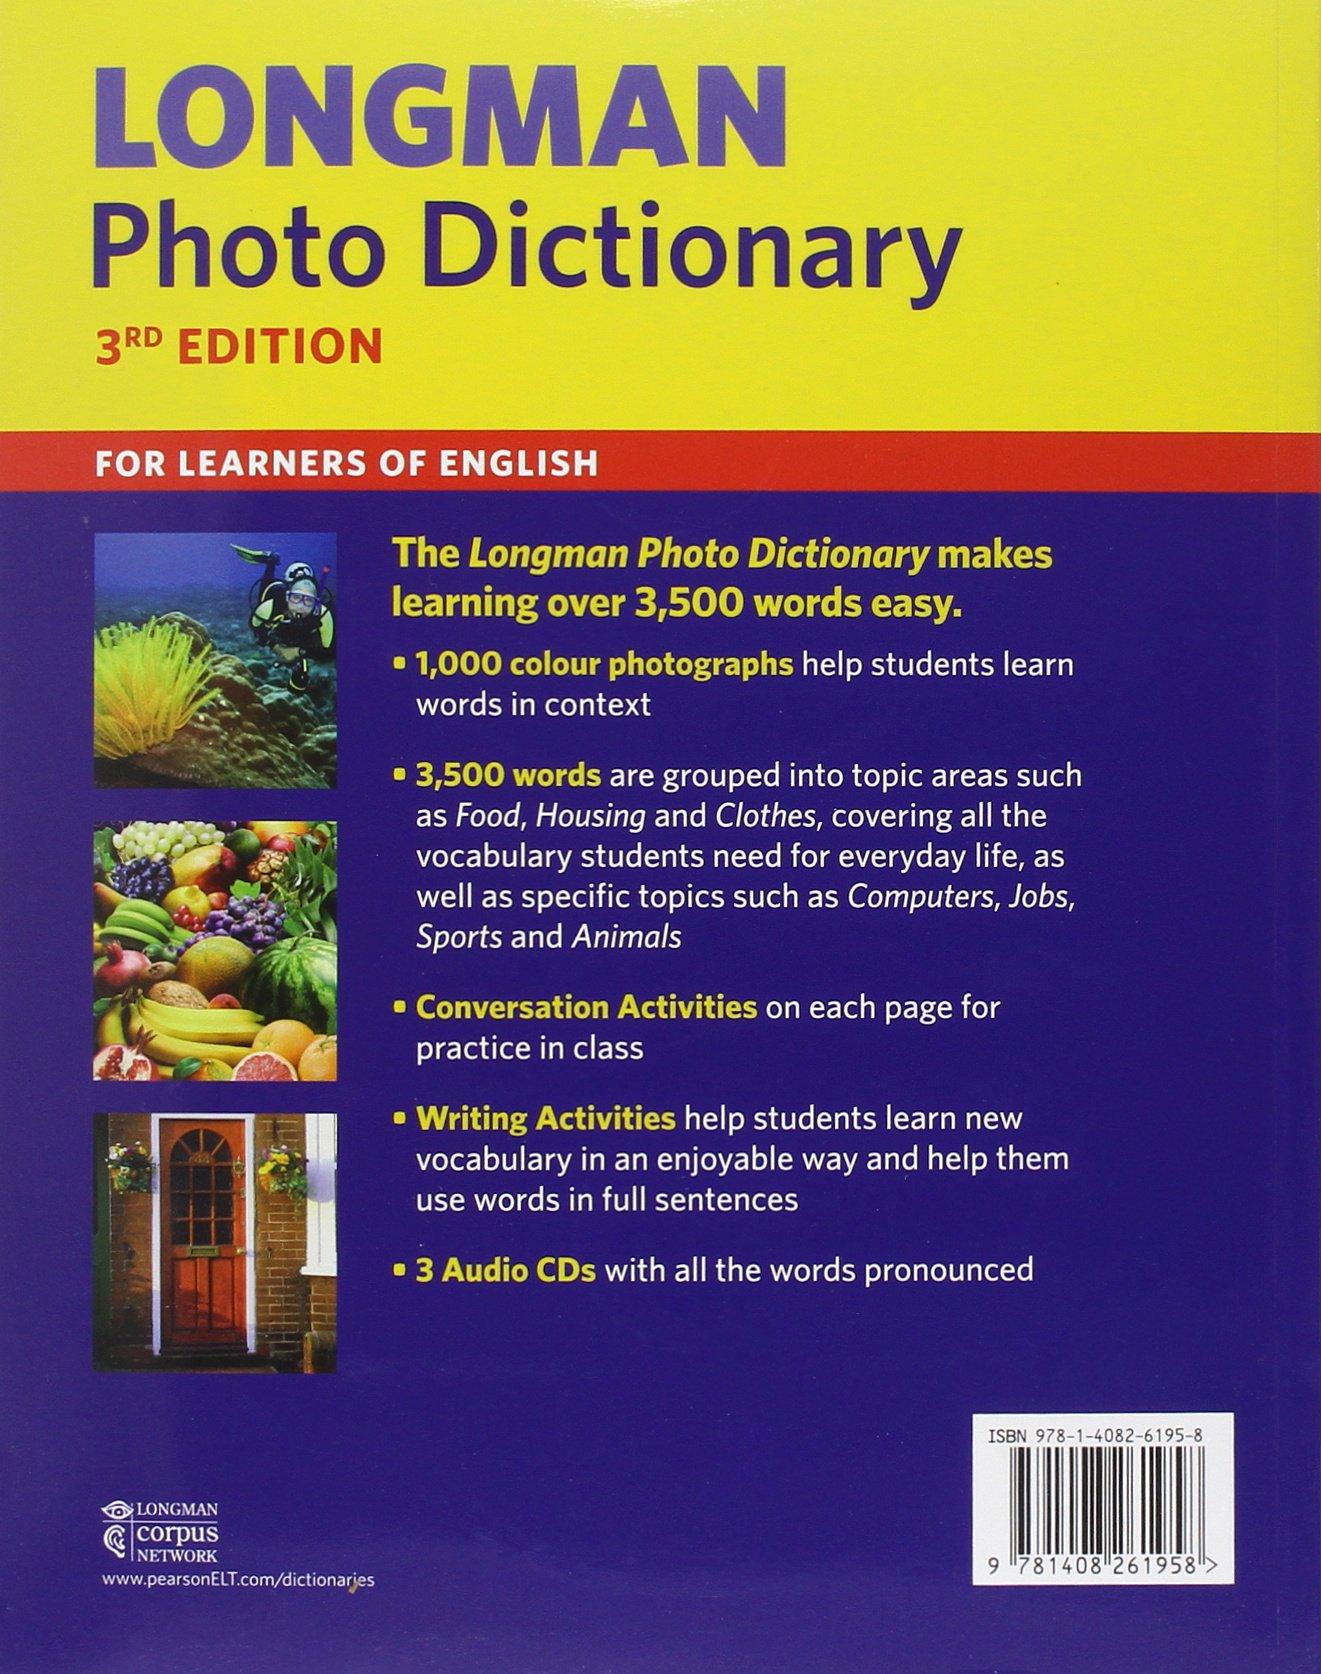 Longman Photo Dictionary Amazon Author 9781408261958 Books